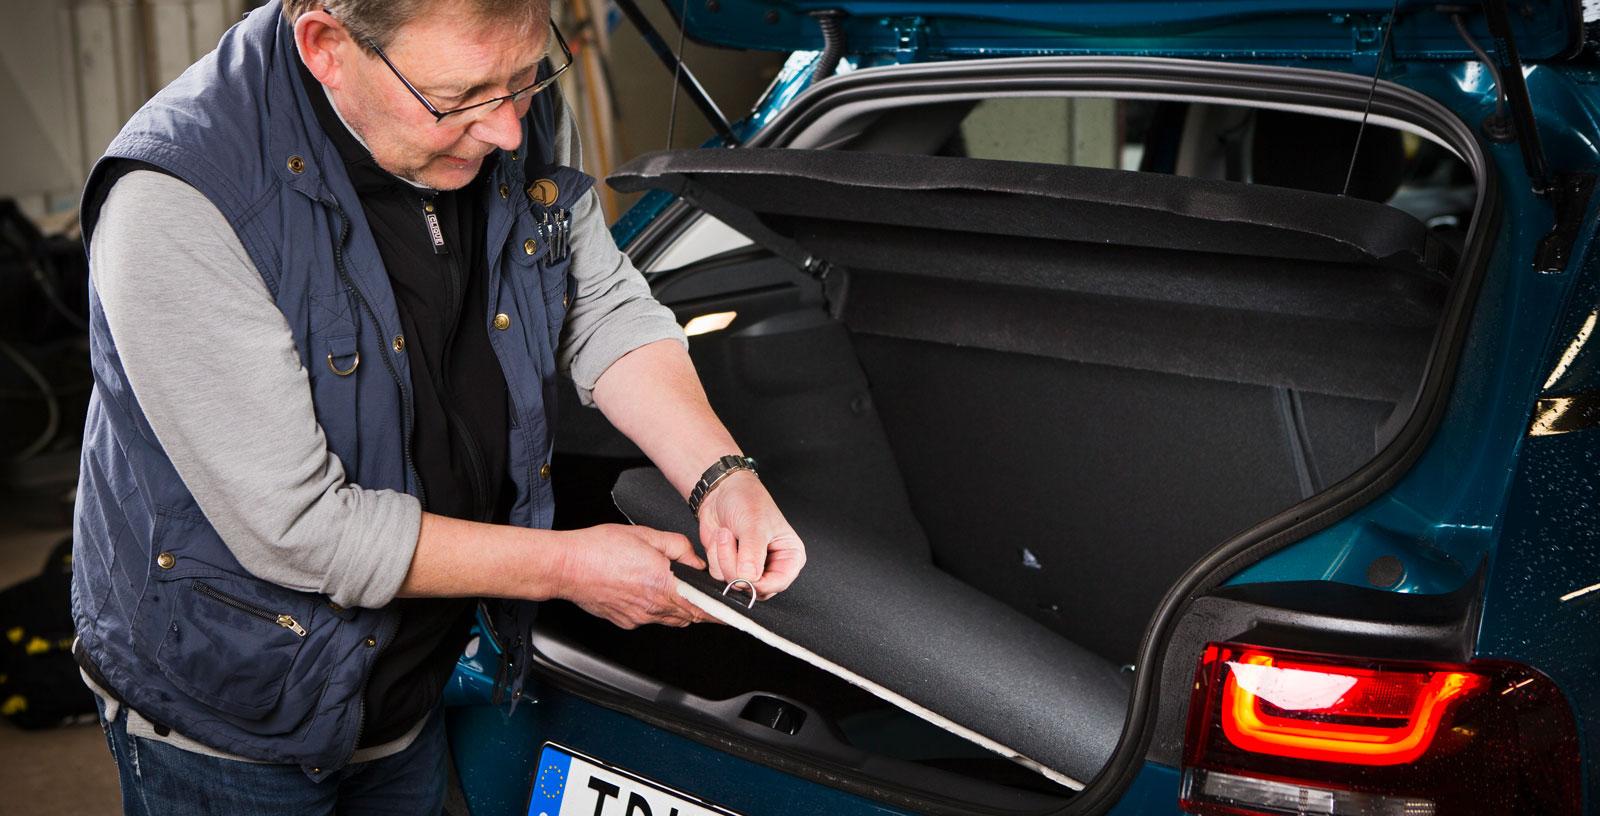 Citroëns ynkliga lastförankringsöglor sitter i den tunna golvmattan – hur tänkte konstruktörerna där? Lasttröskeln är besvärande hög, men utrymmet sväljer mest i test med uppfällt baksäte. Ryggstödet är numera delbart och fälls i förhållandet 60/40. En kasskrok finns, sedan är det slut på finesserna.